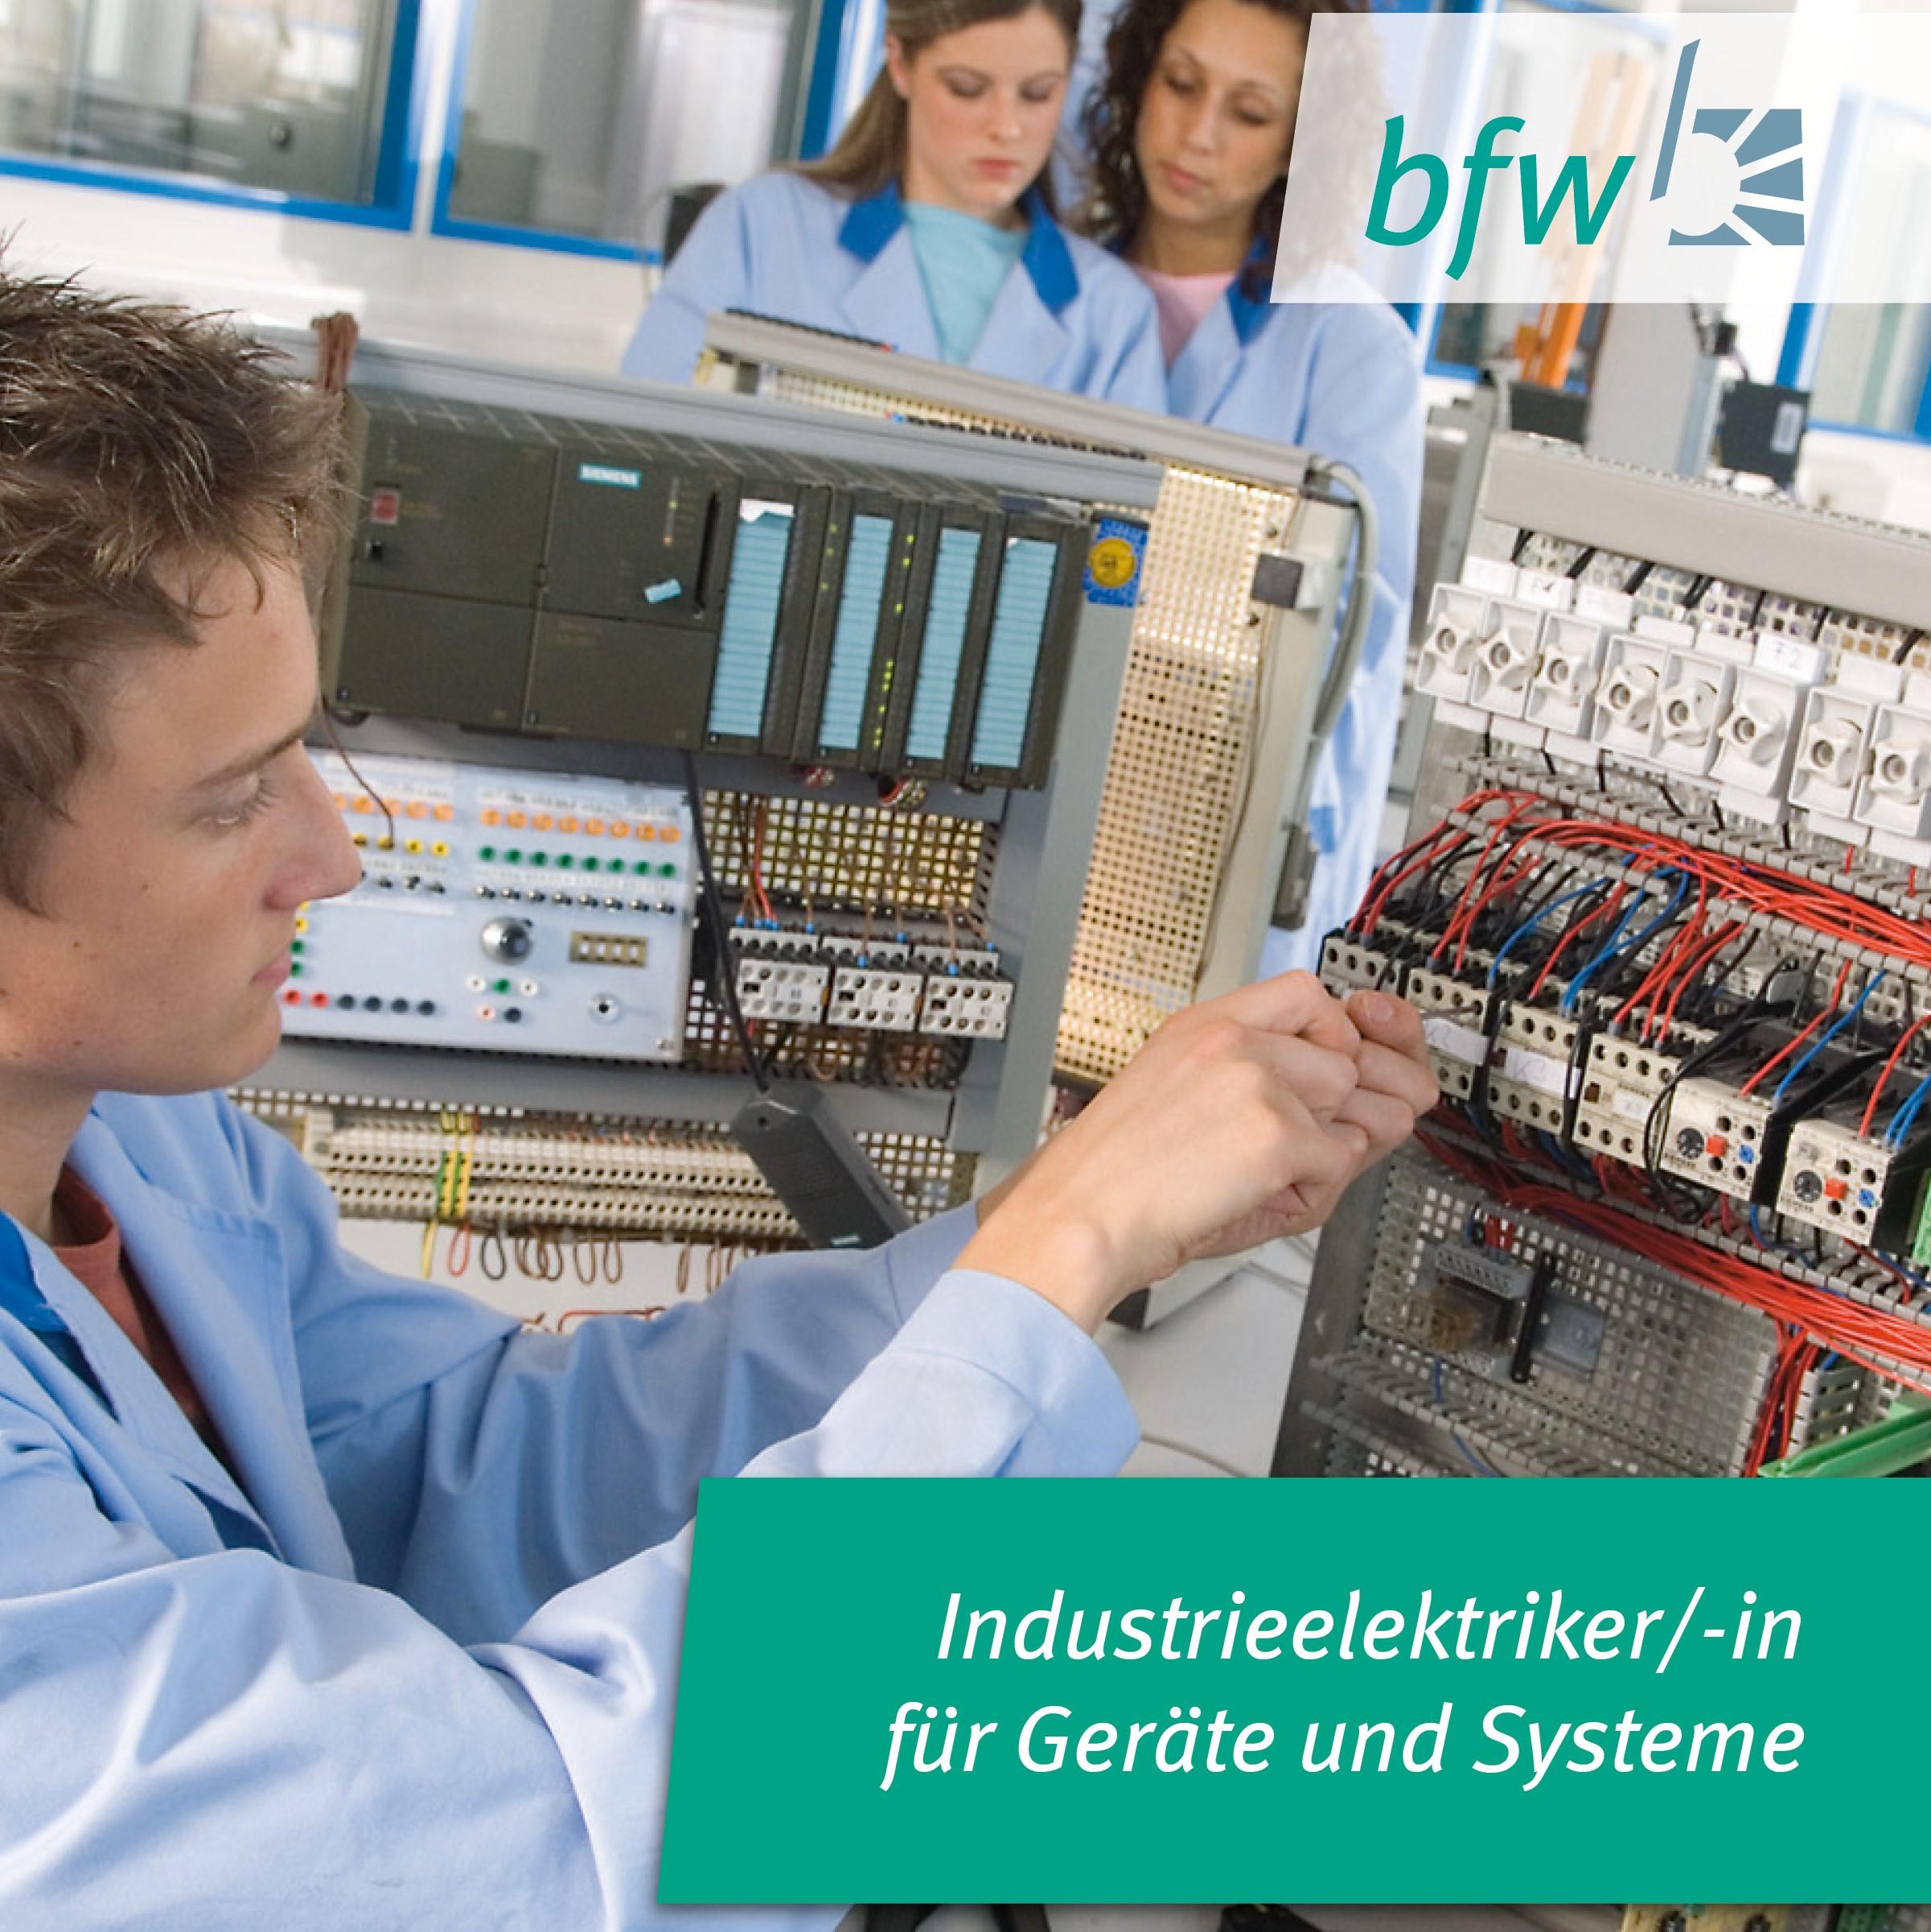 Industrieelektriker/-in für Geräte und Systeme Image